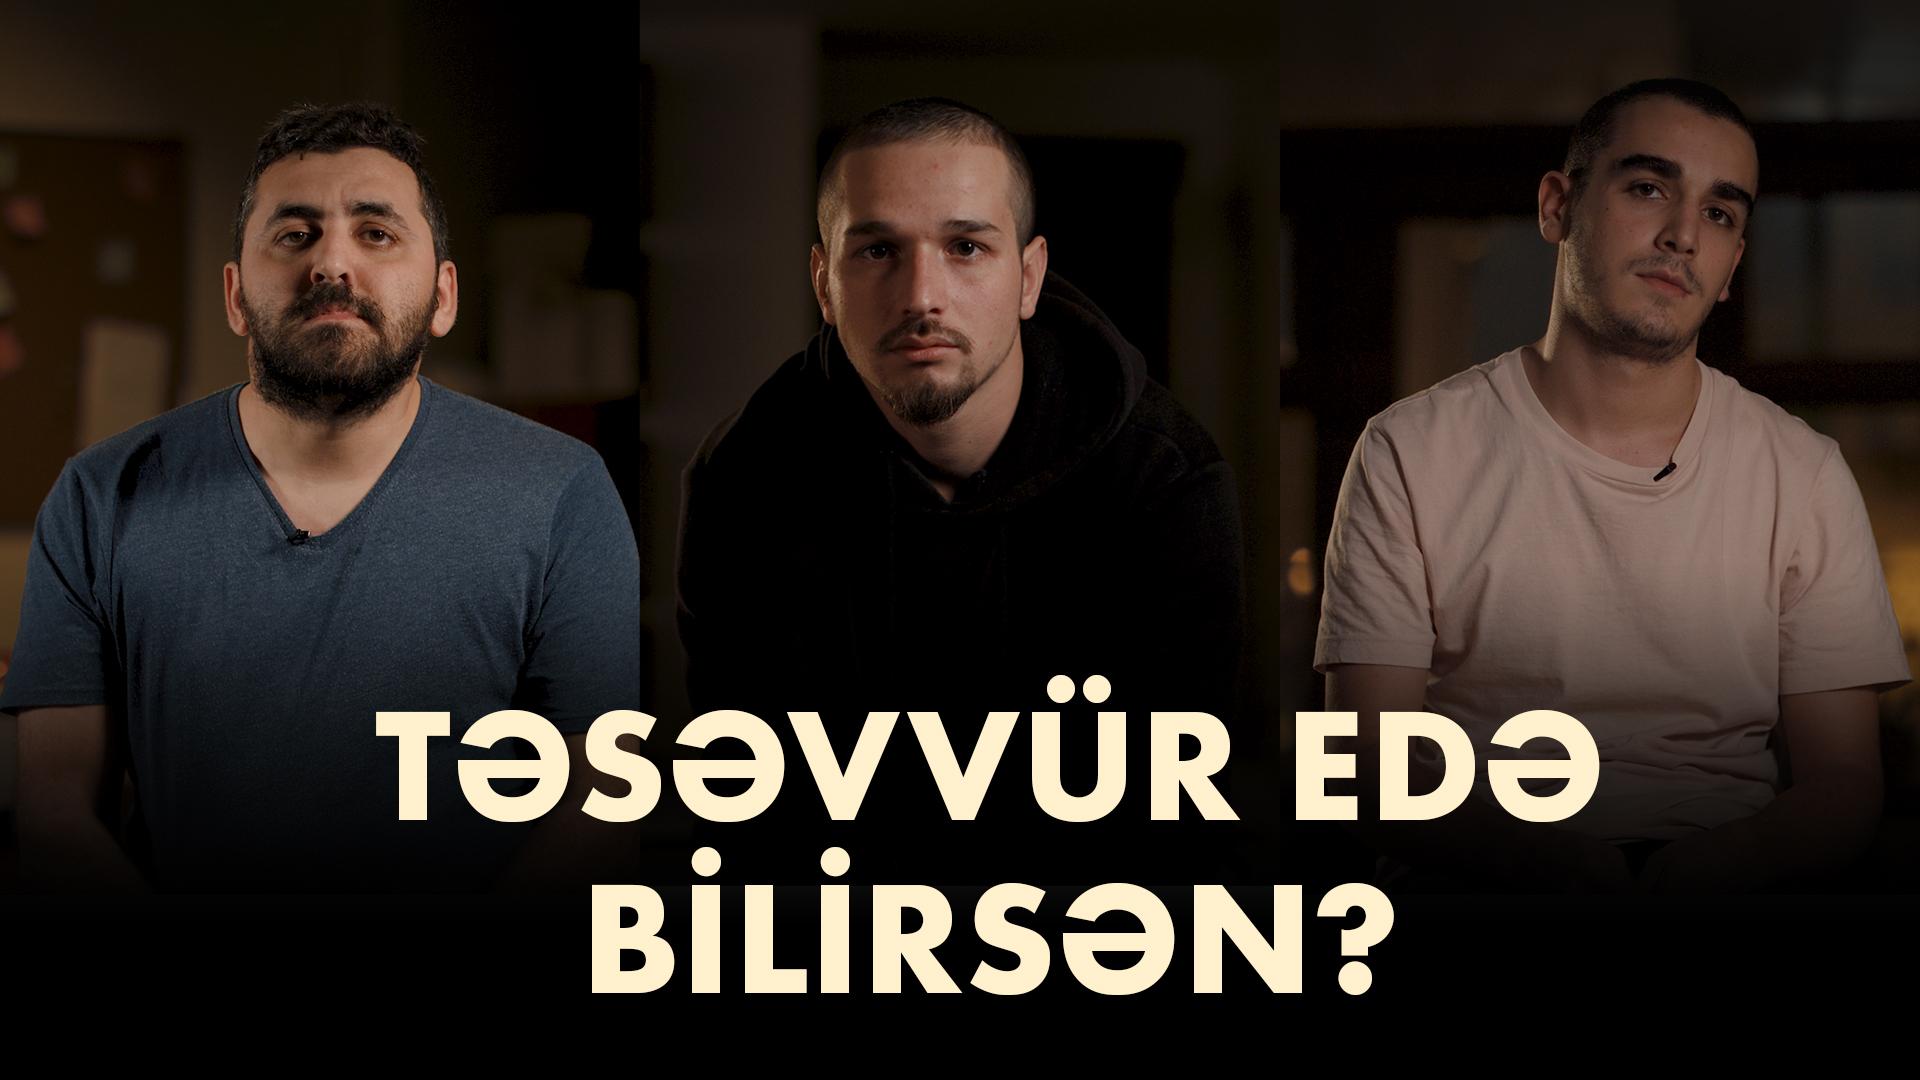 Təsəvvür edə bilirsən?